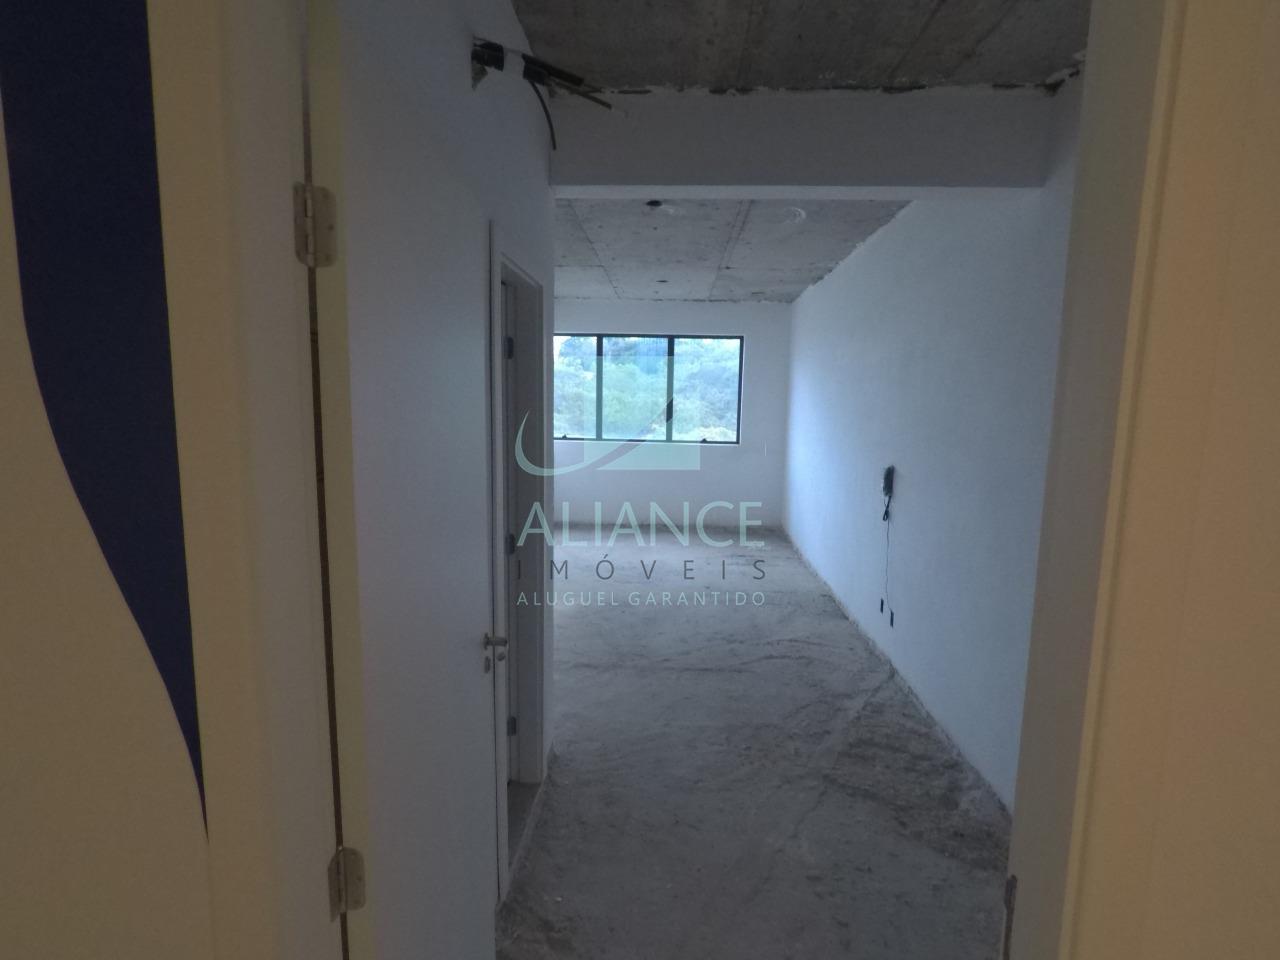 Salas para aluguel no Brant: